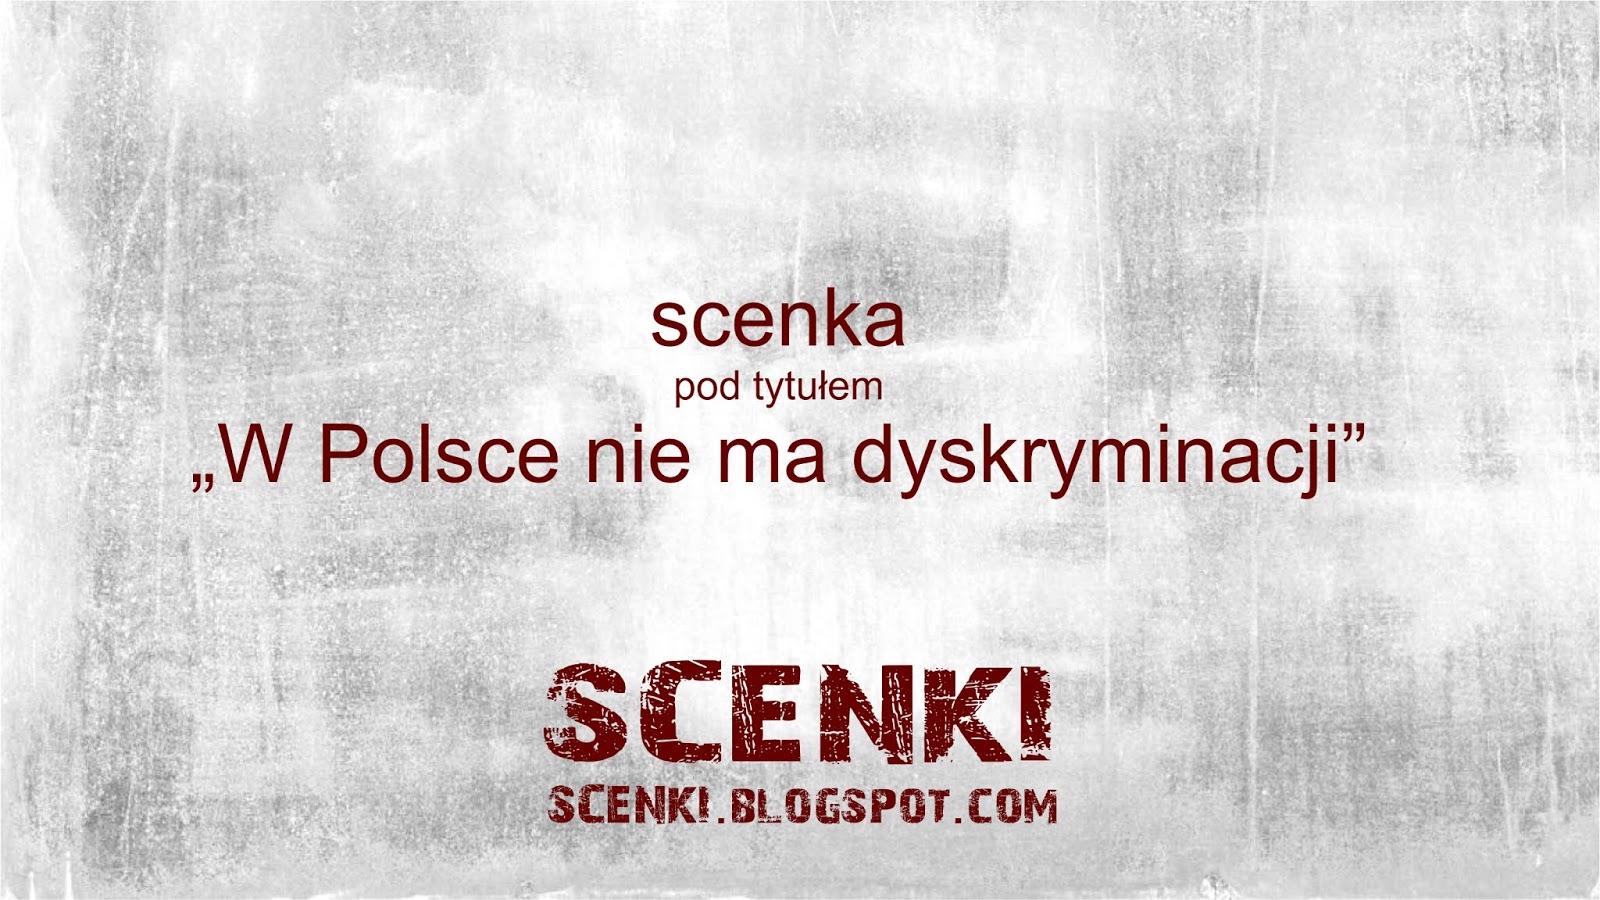 W Polsce nie ma dyskryminacji